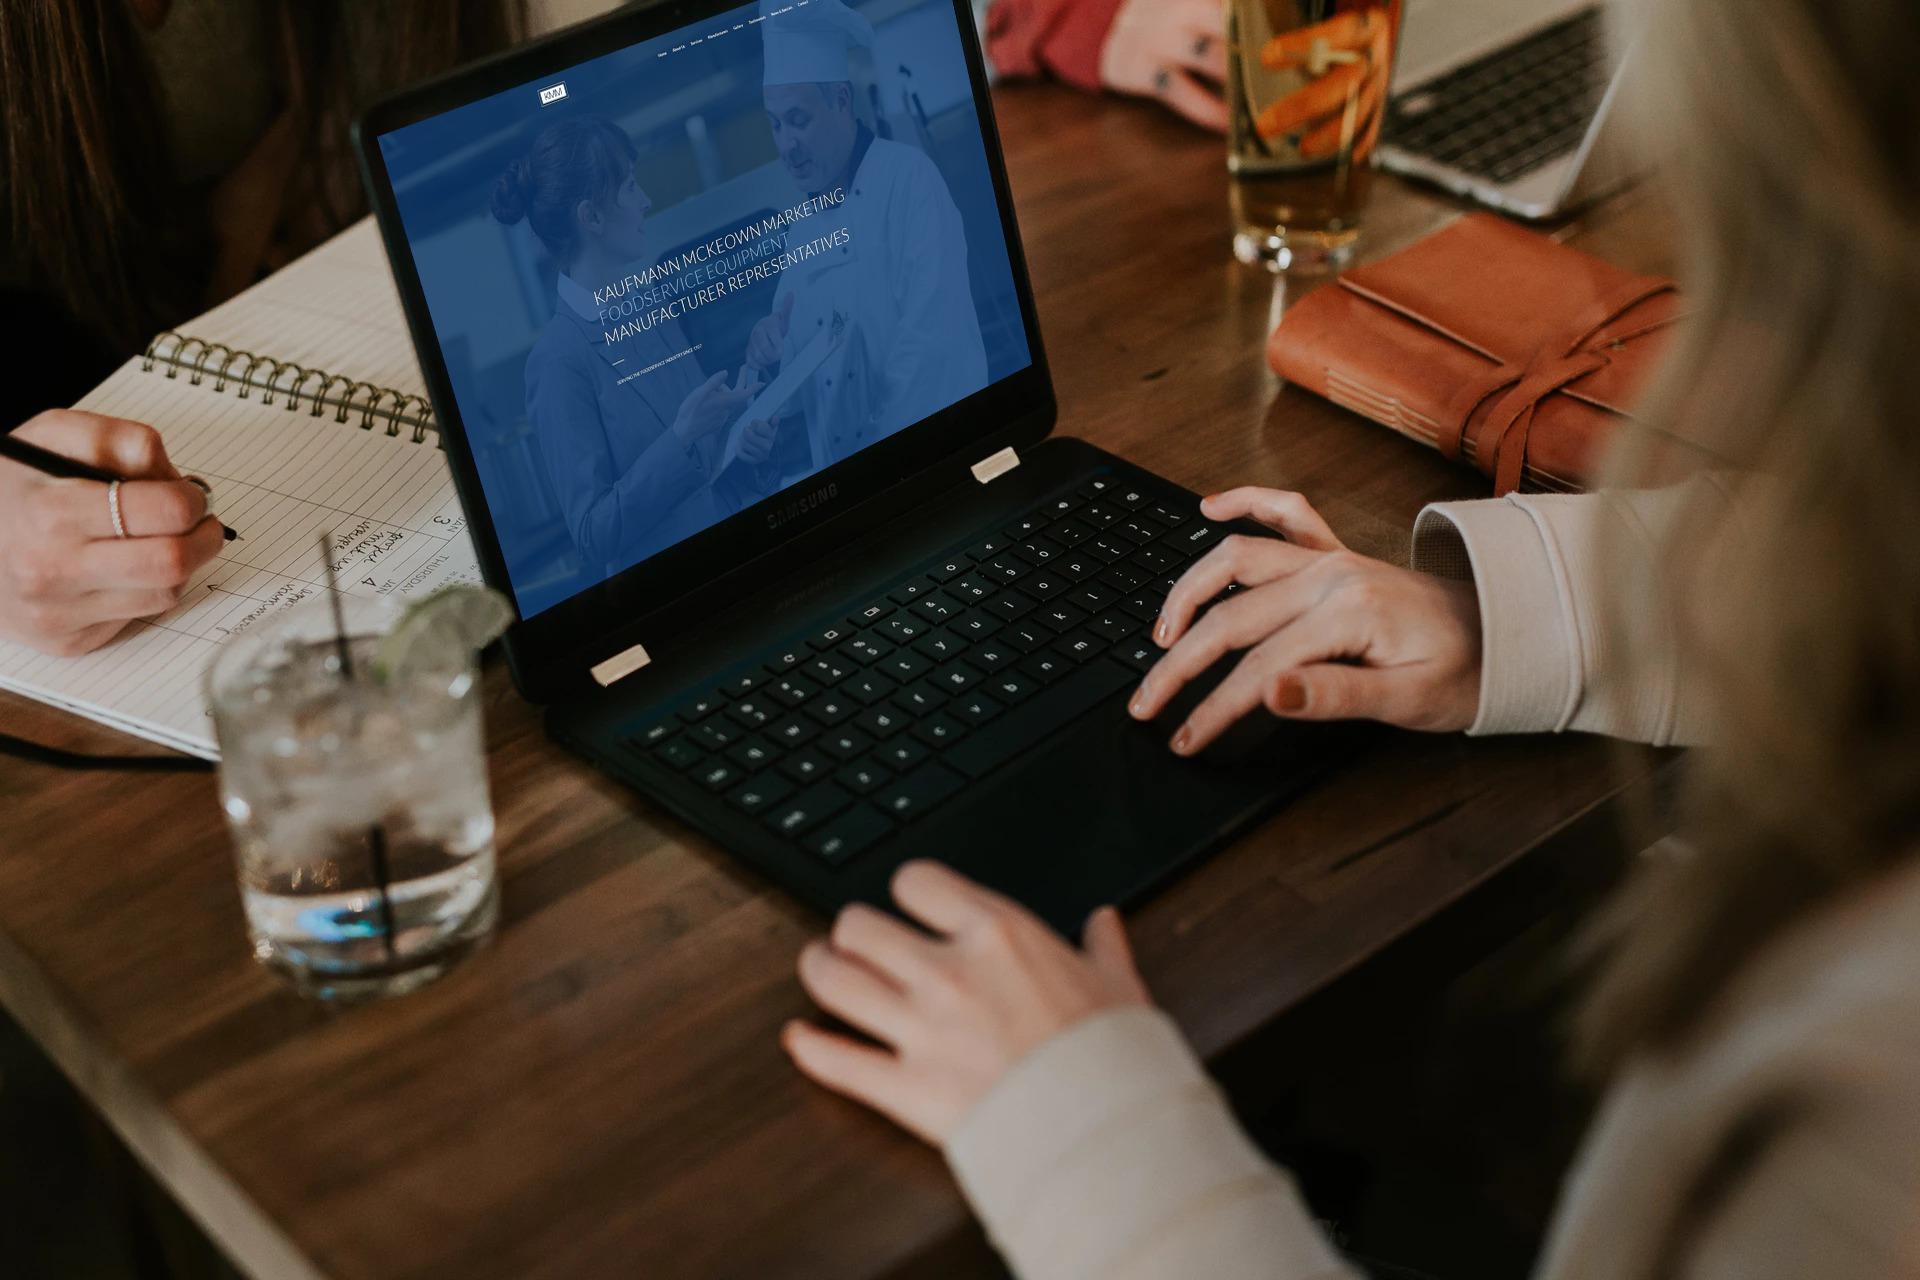 KMM_Desktop